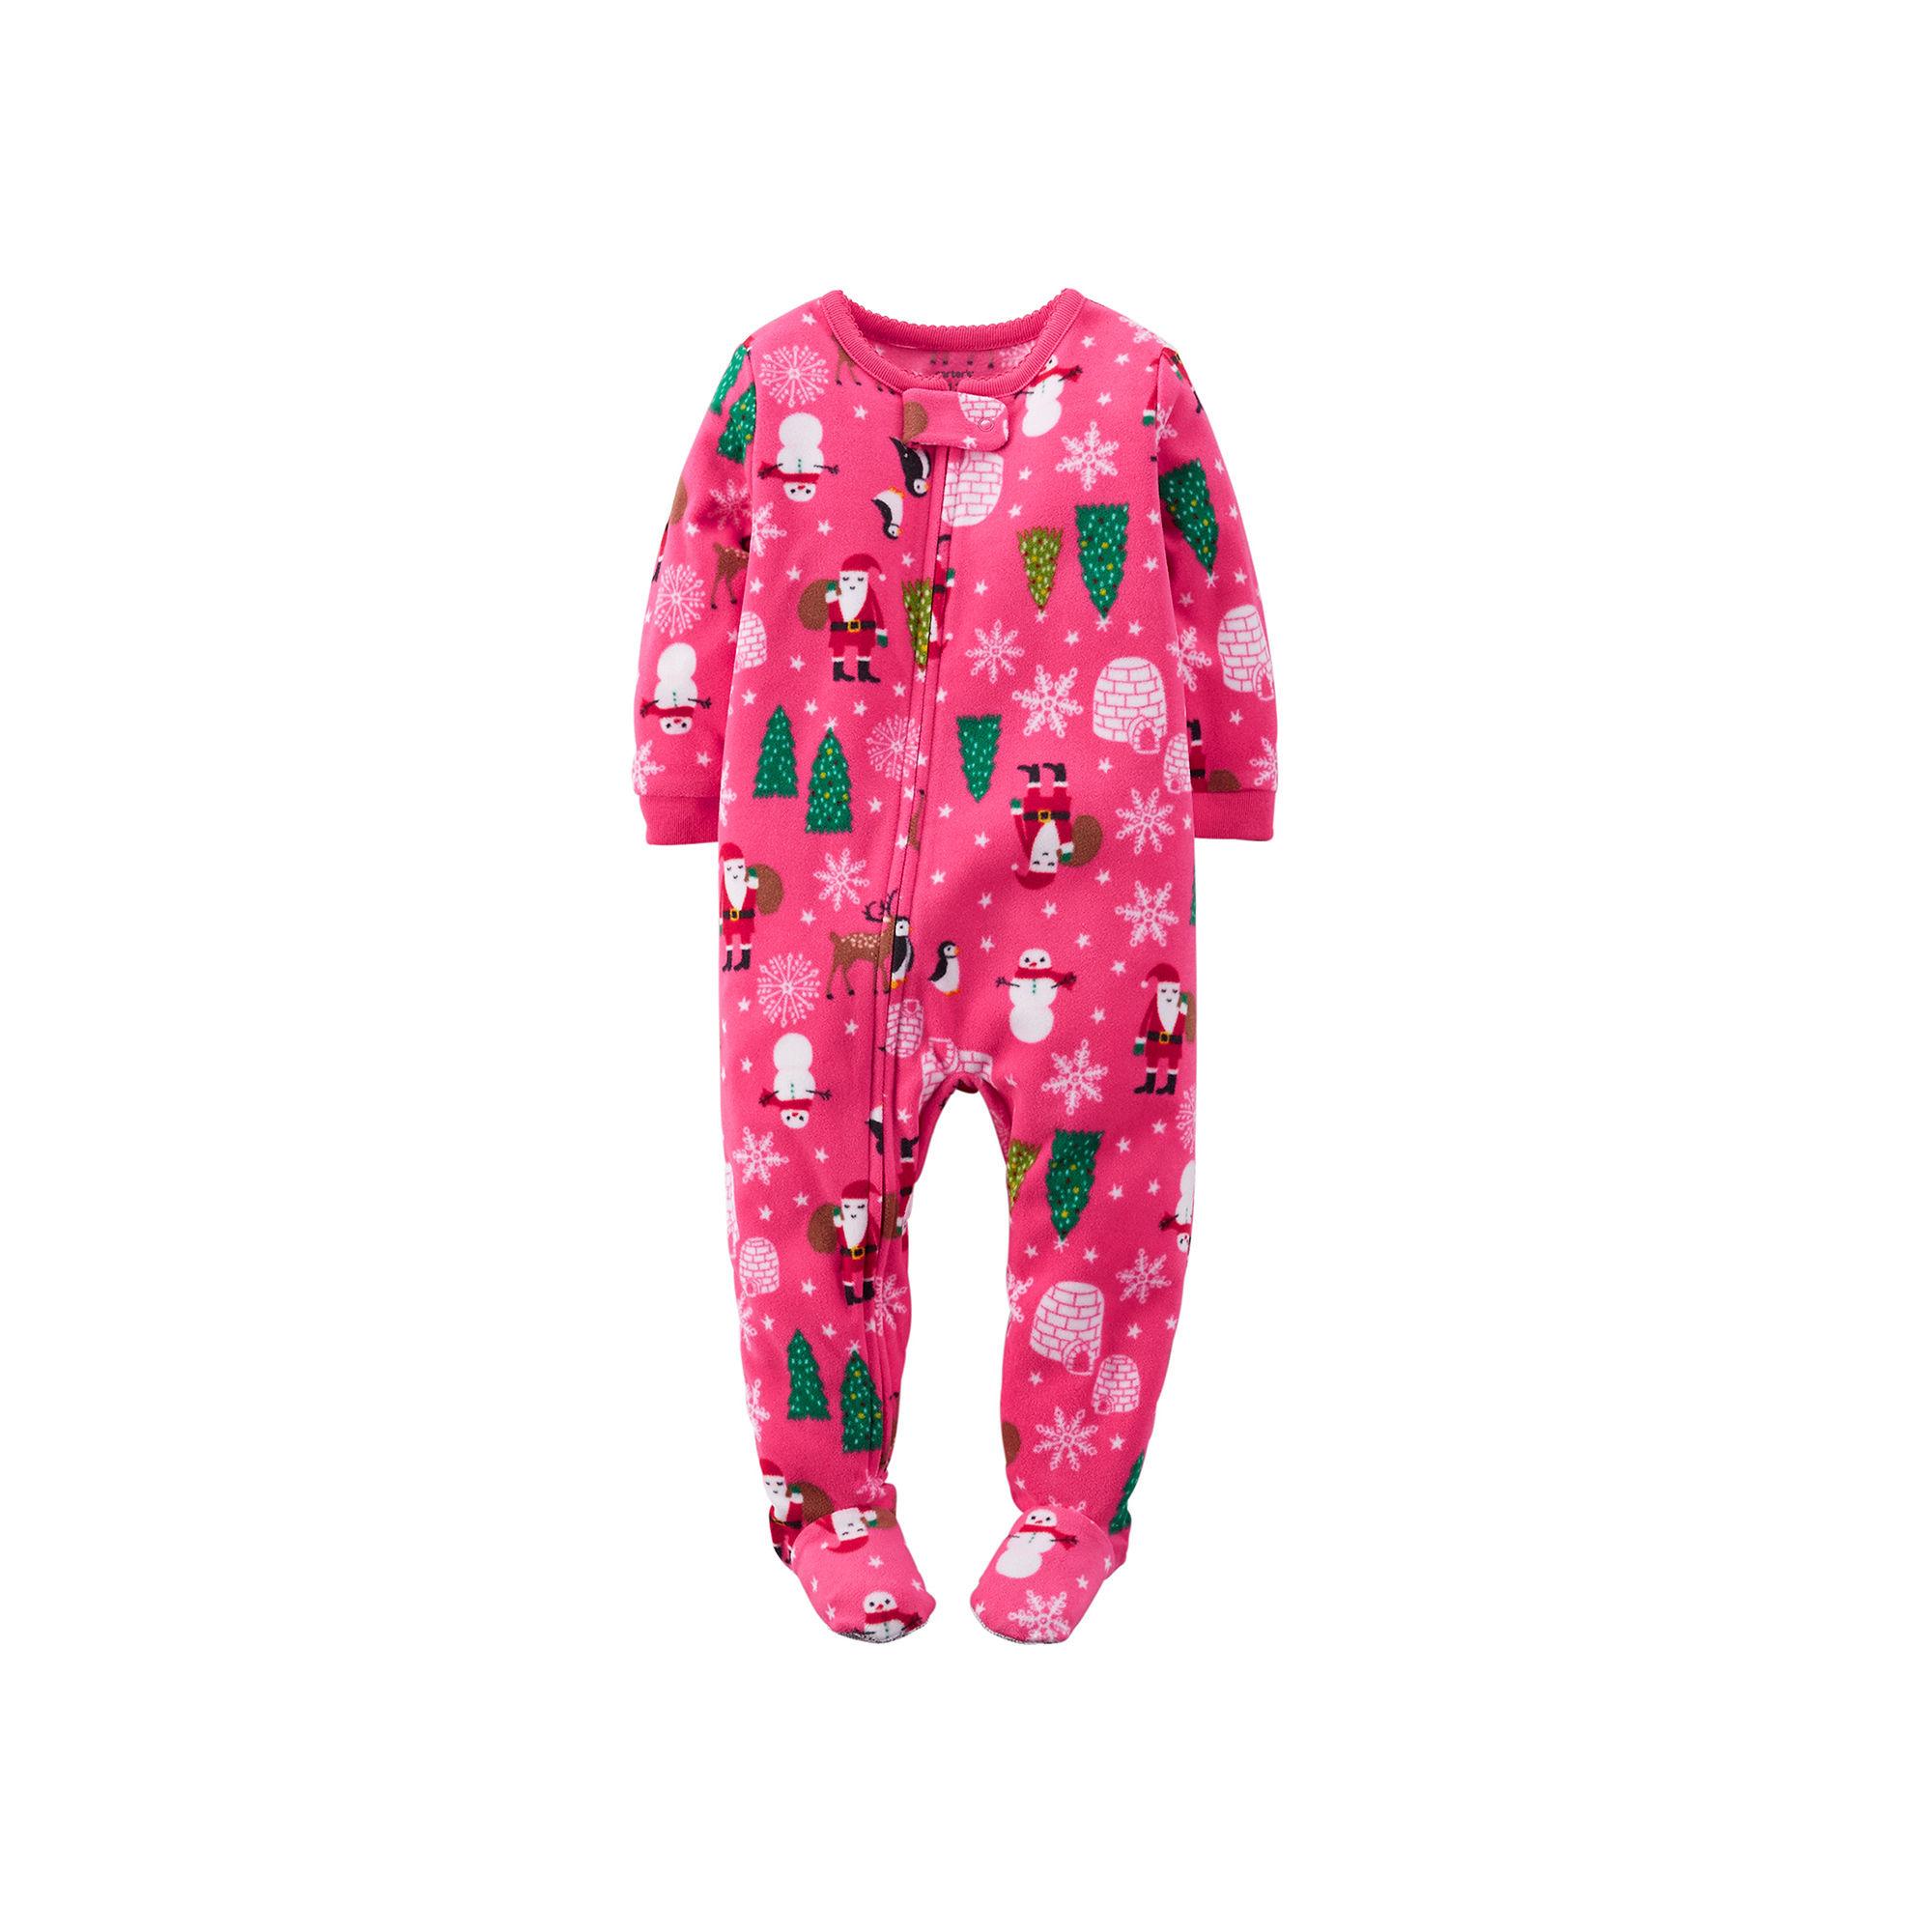 8af50bbafe1b UPC 888510803911 - Carter s Fleece Santa-Print Pajamas - Toddler ...